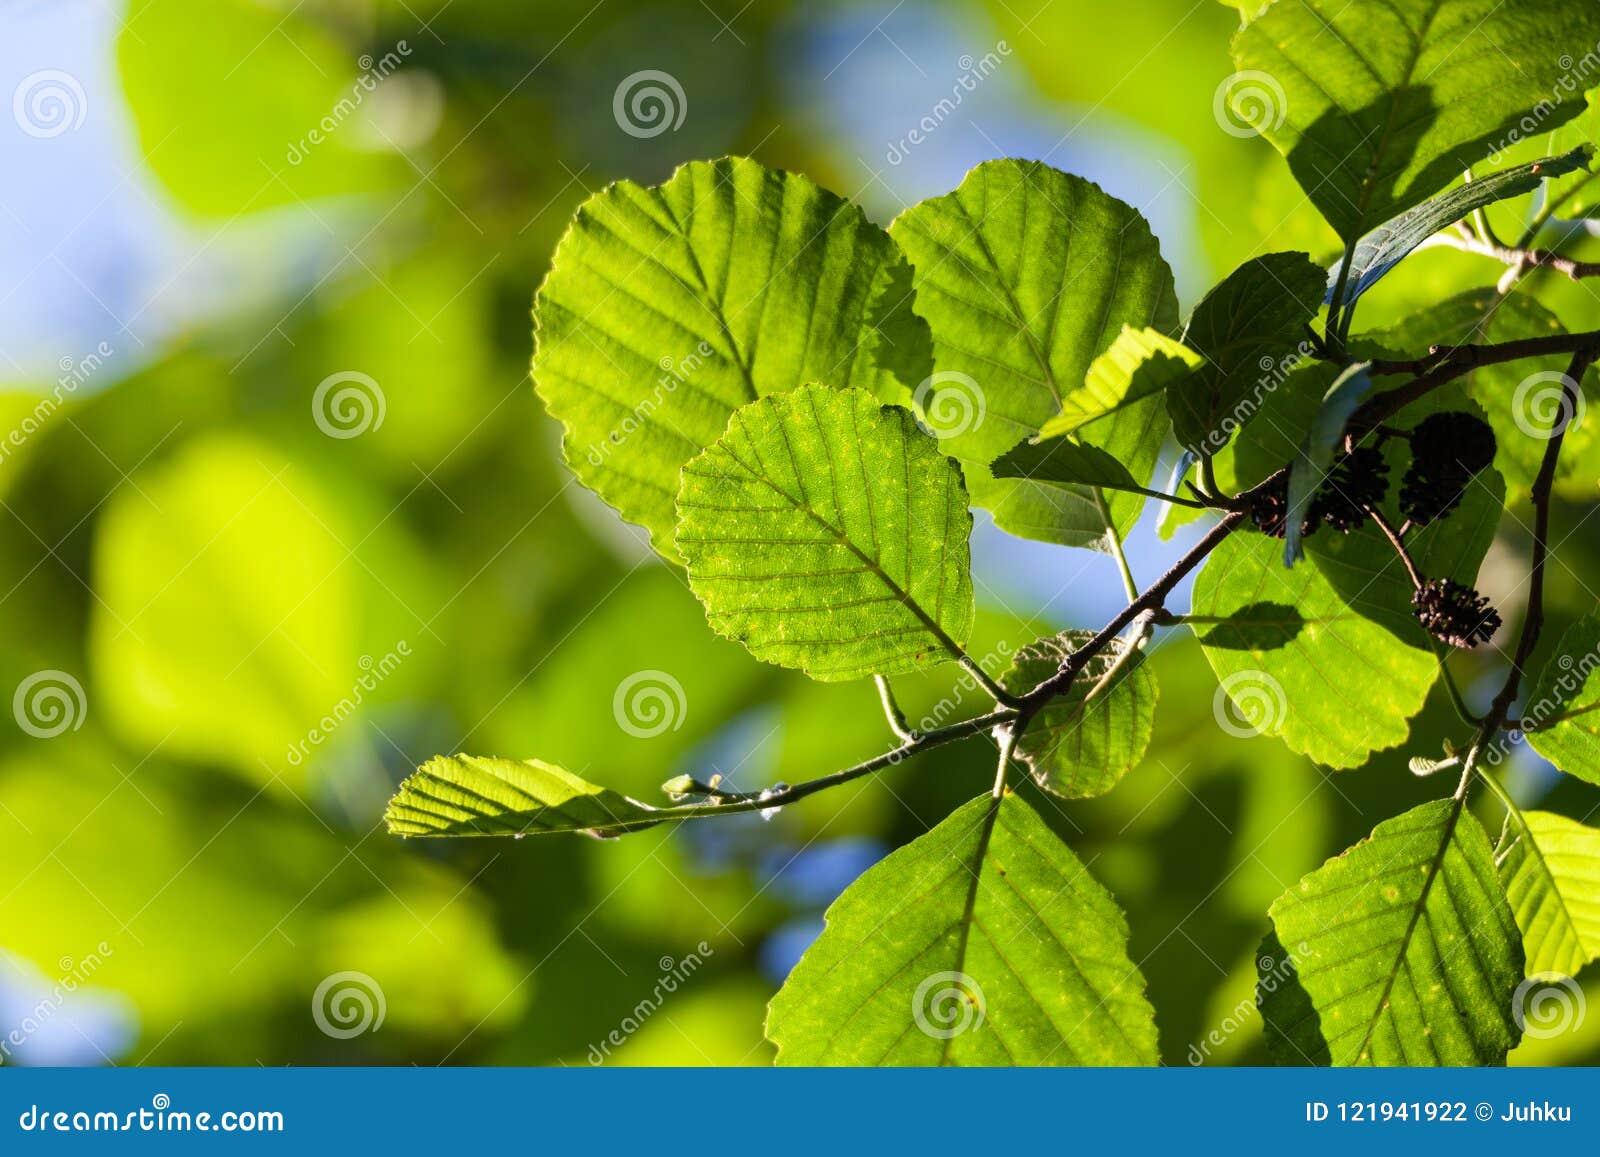 Alder leaves in sunlight